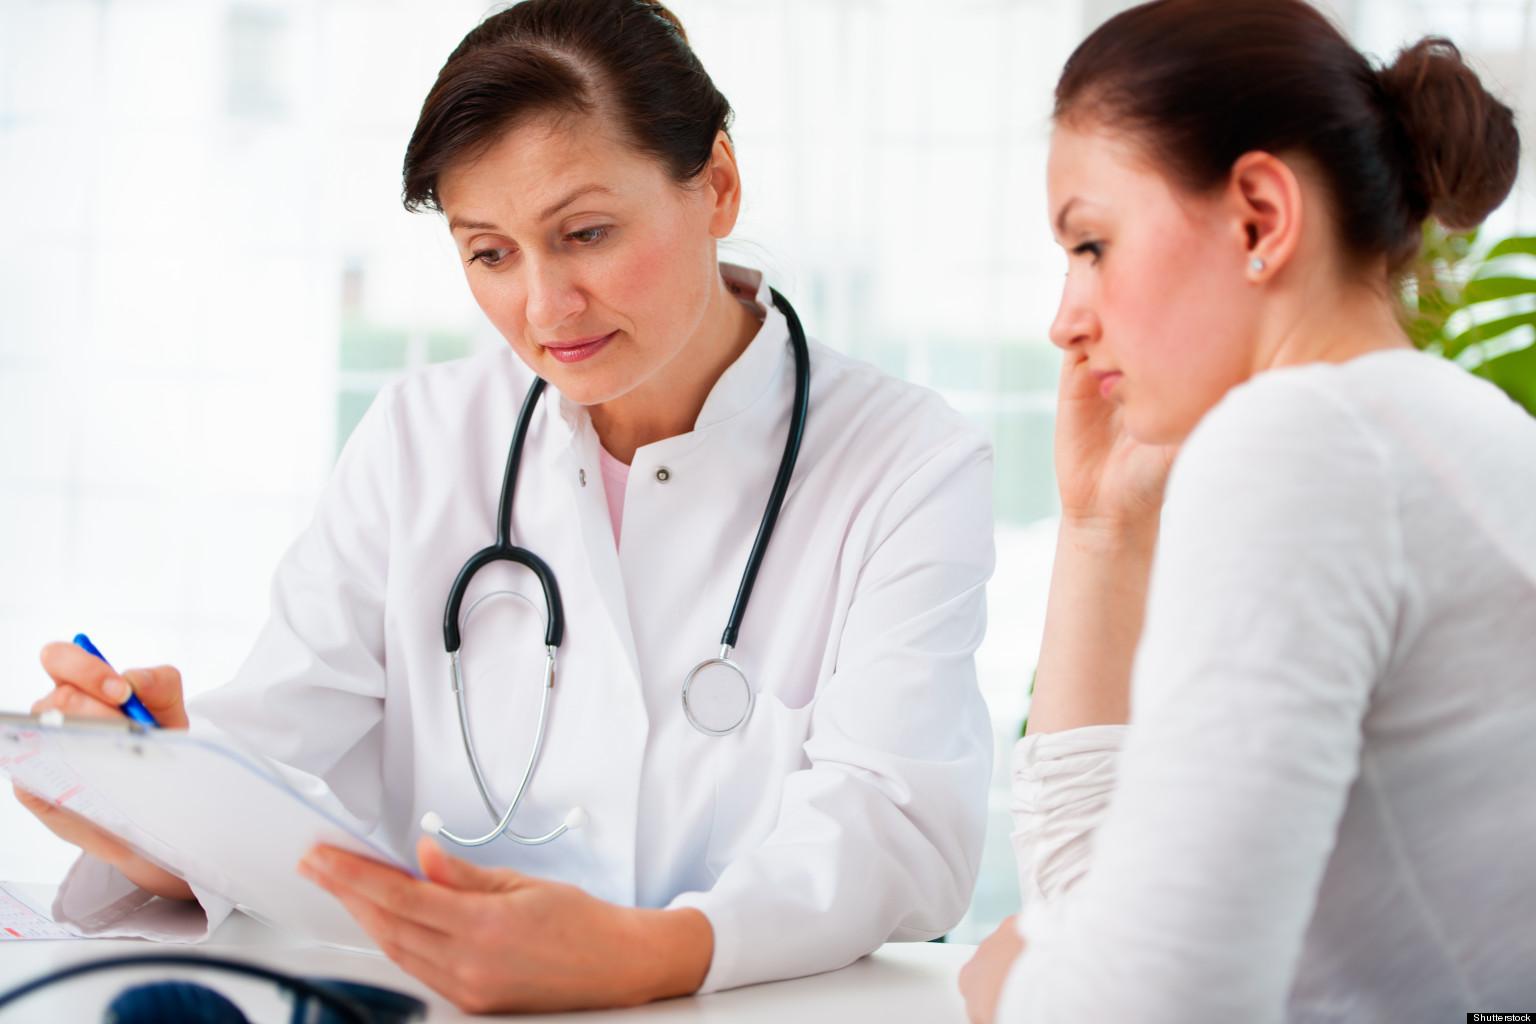 Смотреть онлайн девушка у врача 10 фотография